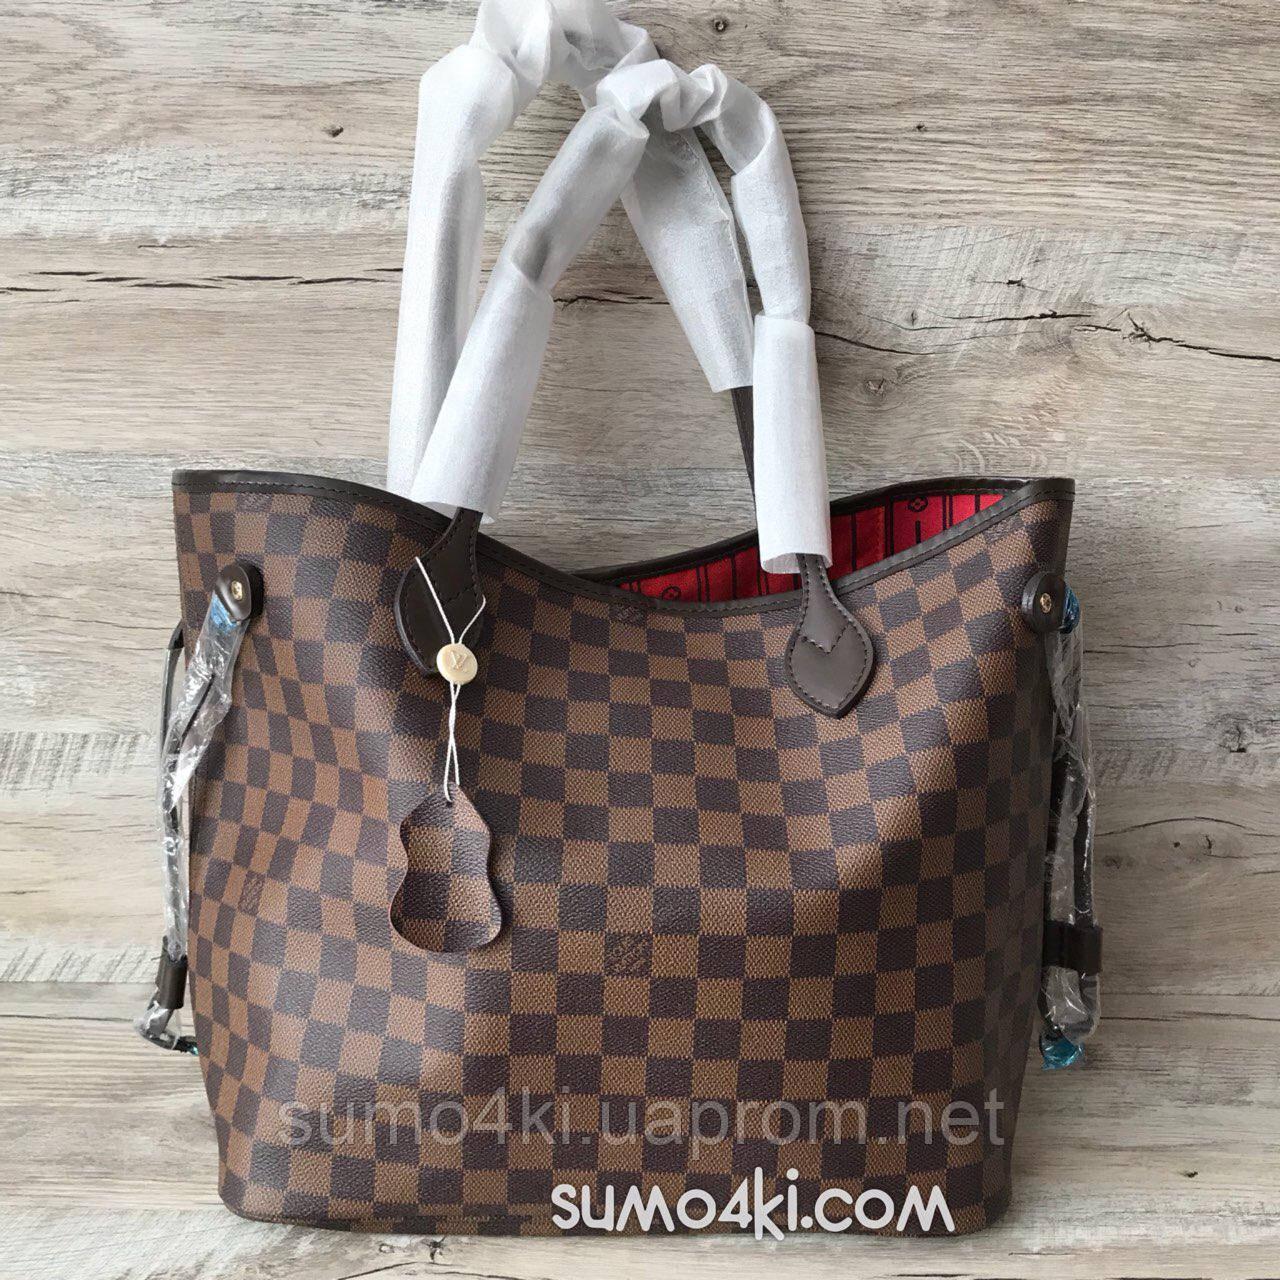 bb4ba38da8e1 Купить Женскую кожаную сумку Louis Vuitton neverfull оптом и в ...